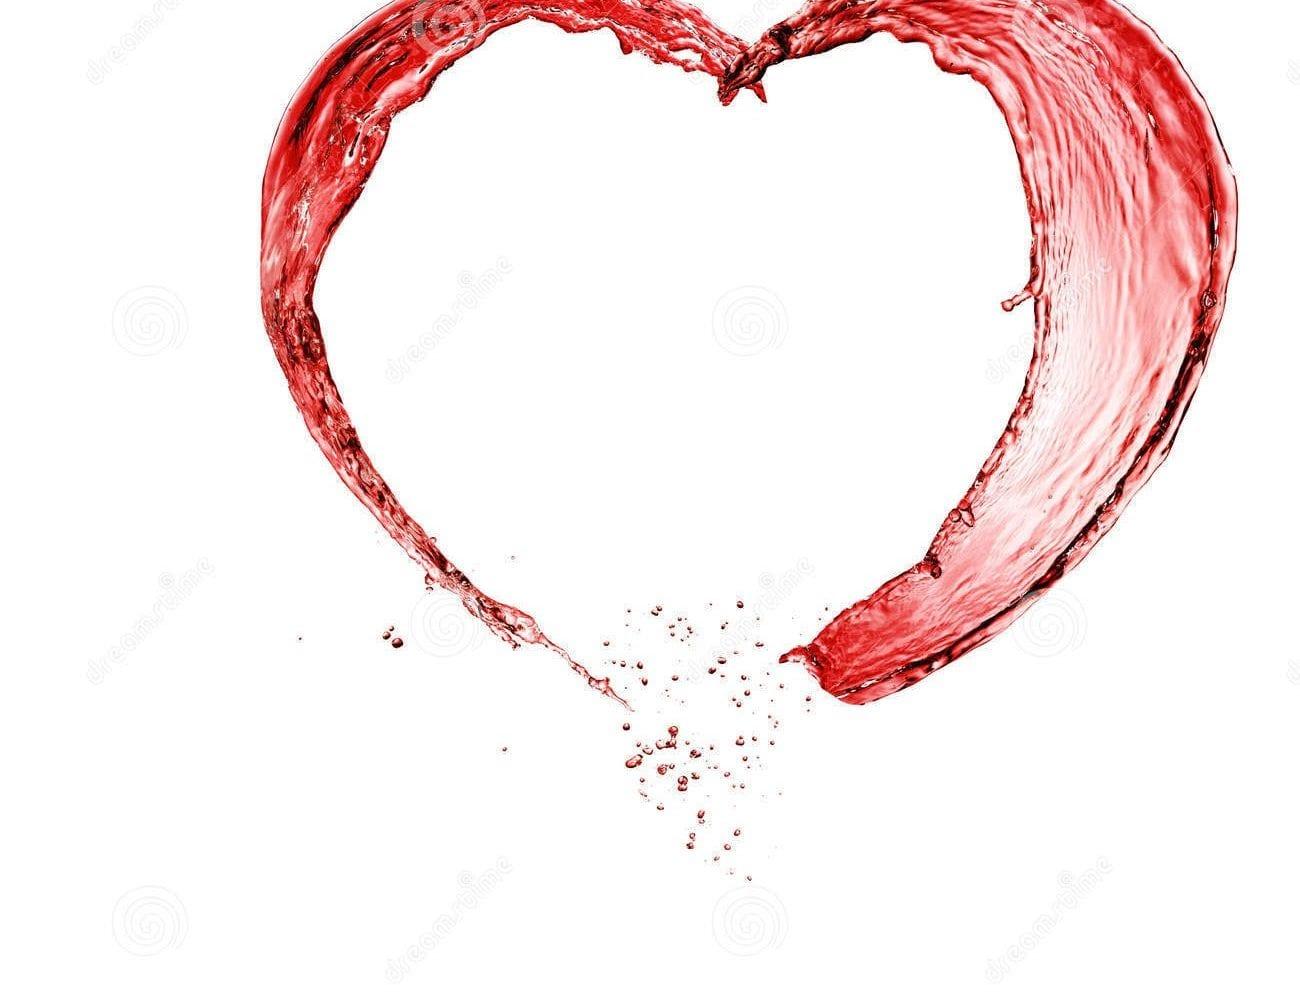 Η συνταγή για το κρασί της καρδιάς